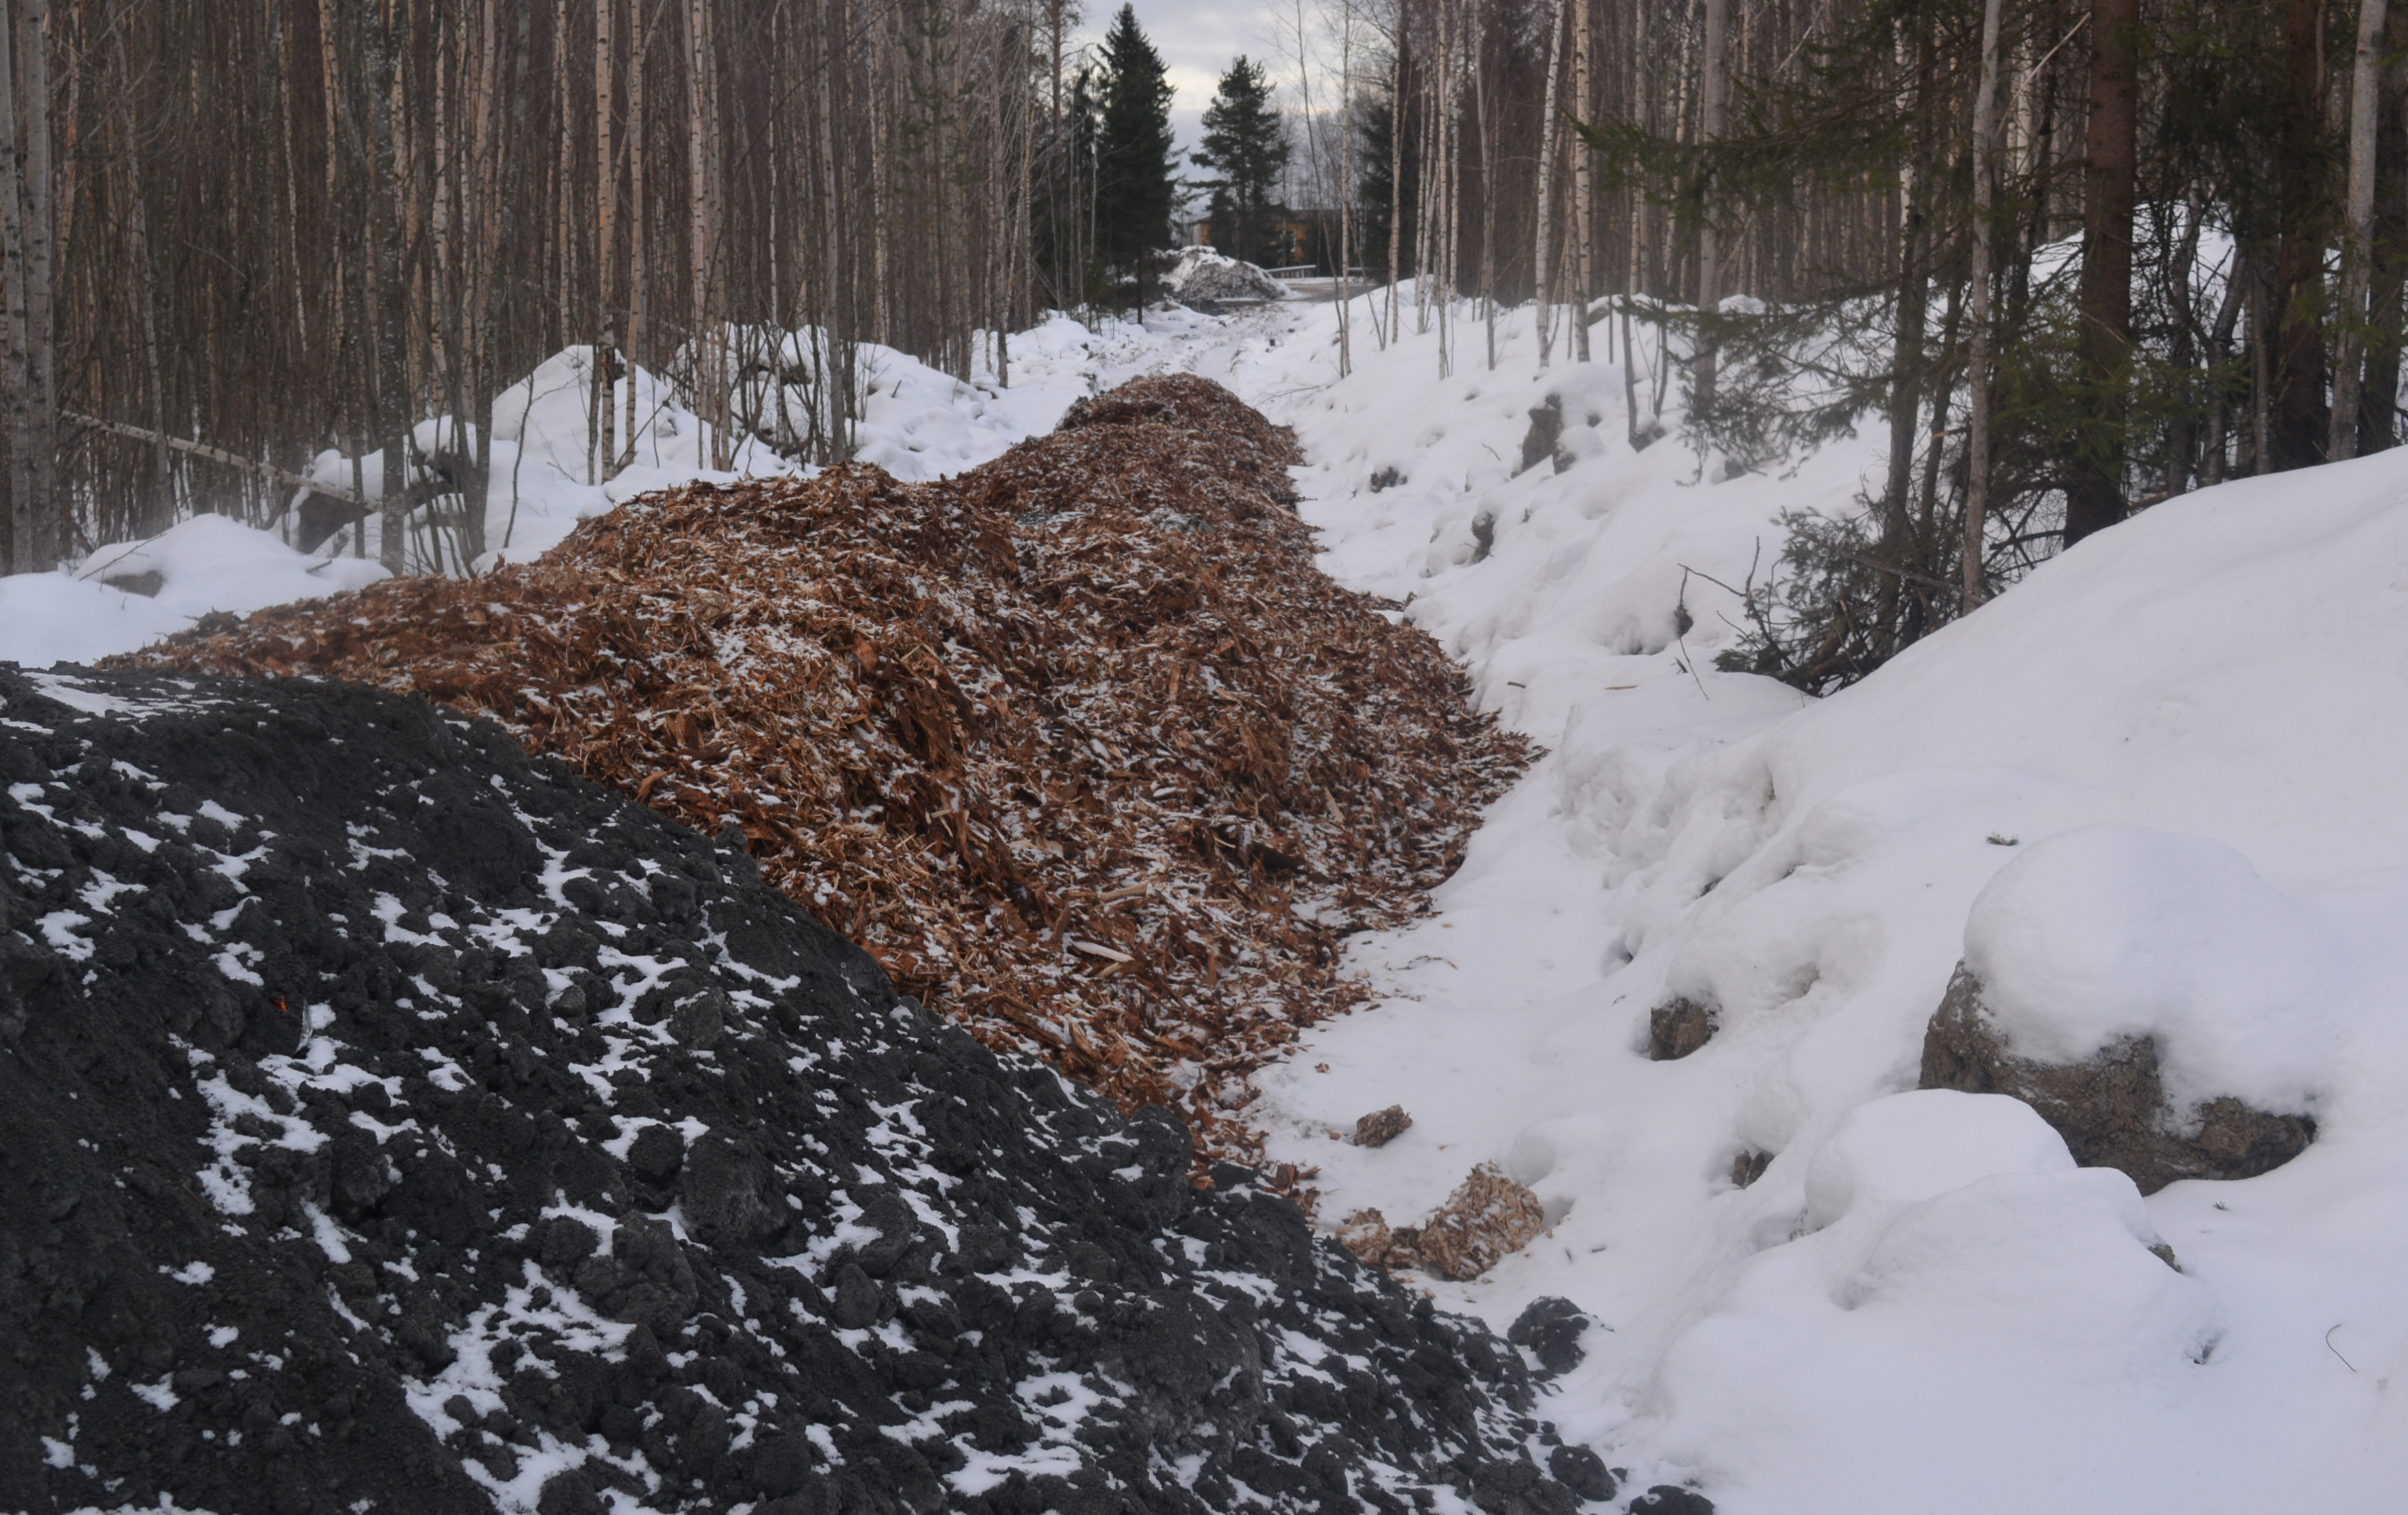 Кора требует специальной утилизации. Фото: Алексей Владимиров